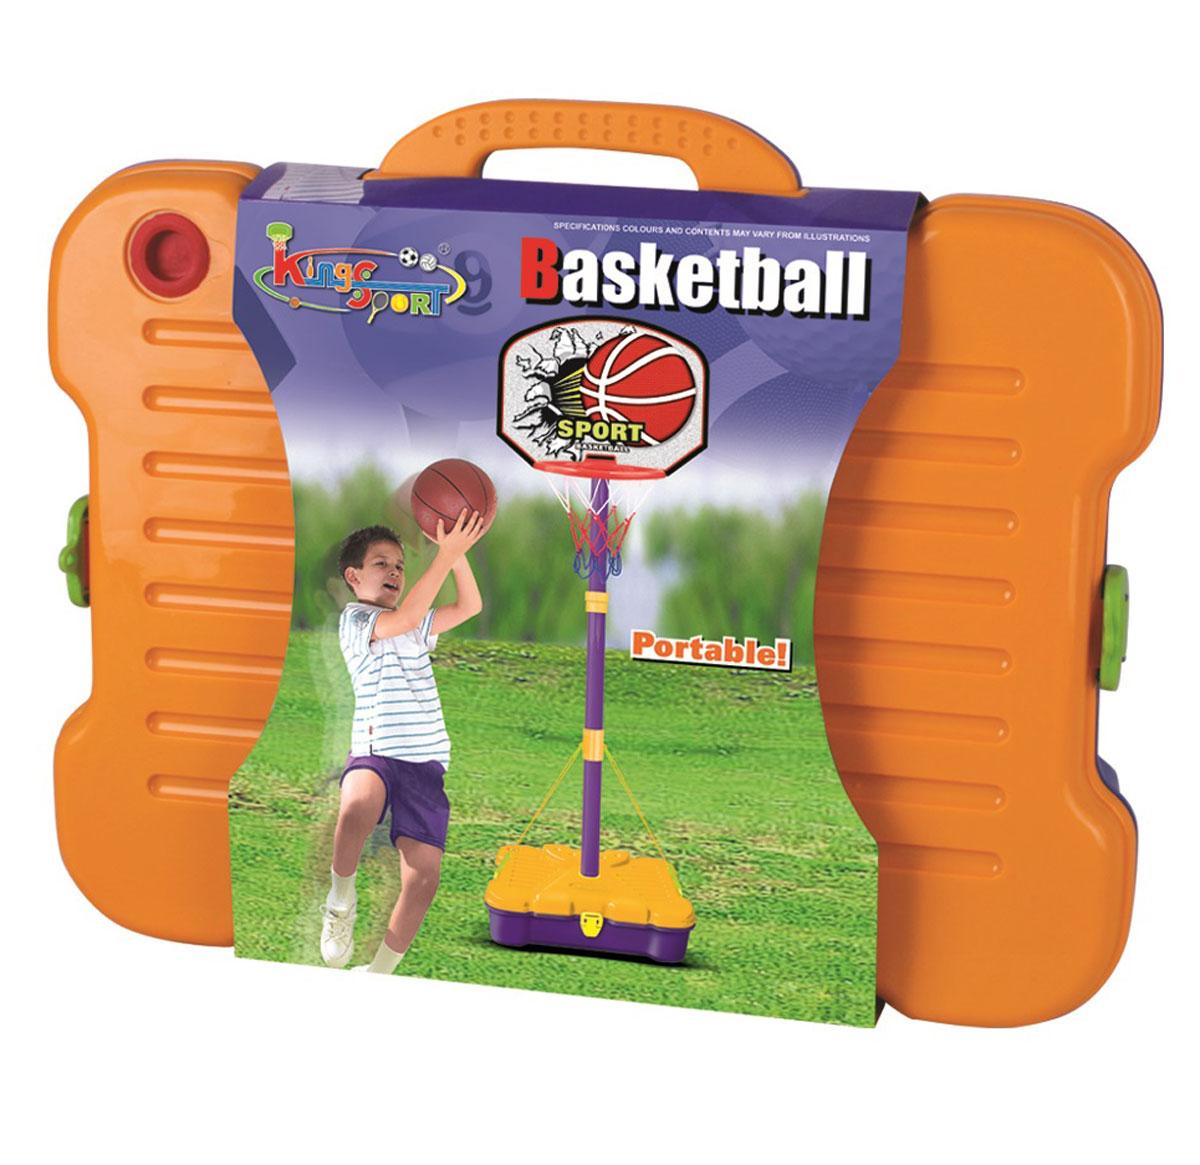 Стойка баскетбольная Torres TX31297120330_yellow/blackБаскетбольная стойка TX31297 - это набор для начинающих маленьких спортсменов. Благодаря стойке ребенок будет развивать координацию движений, ловкость и сноровку. Высота регулируется от 90 см до 162 см. Конструкция стойки выполнена из полипропилена и стали, и она является сборно-разборной.Размер щита: 42,5 х 31 см.Мяч: диаметр - 15 см.Вес: 1,68 кг.